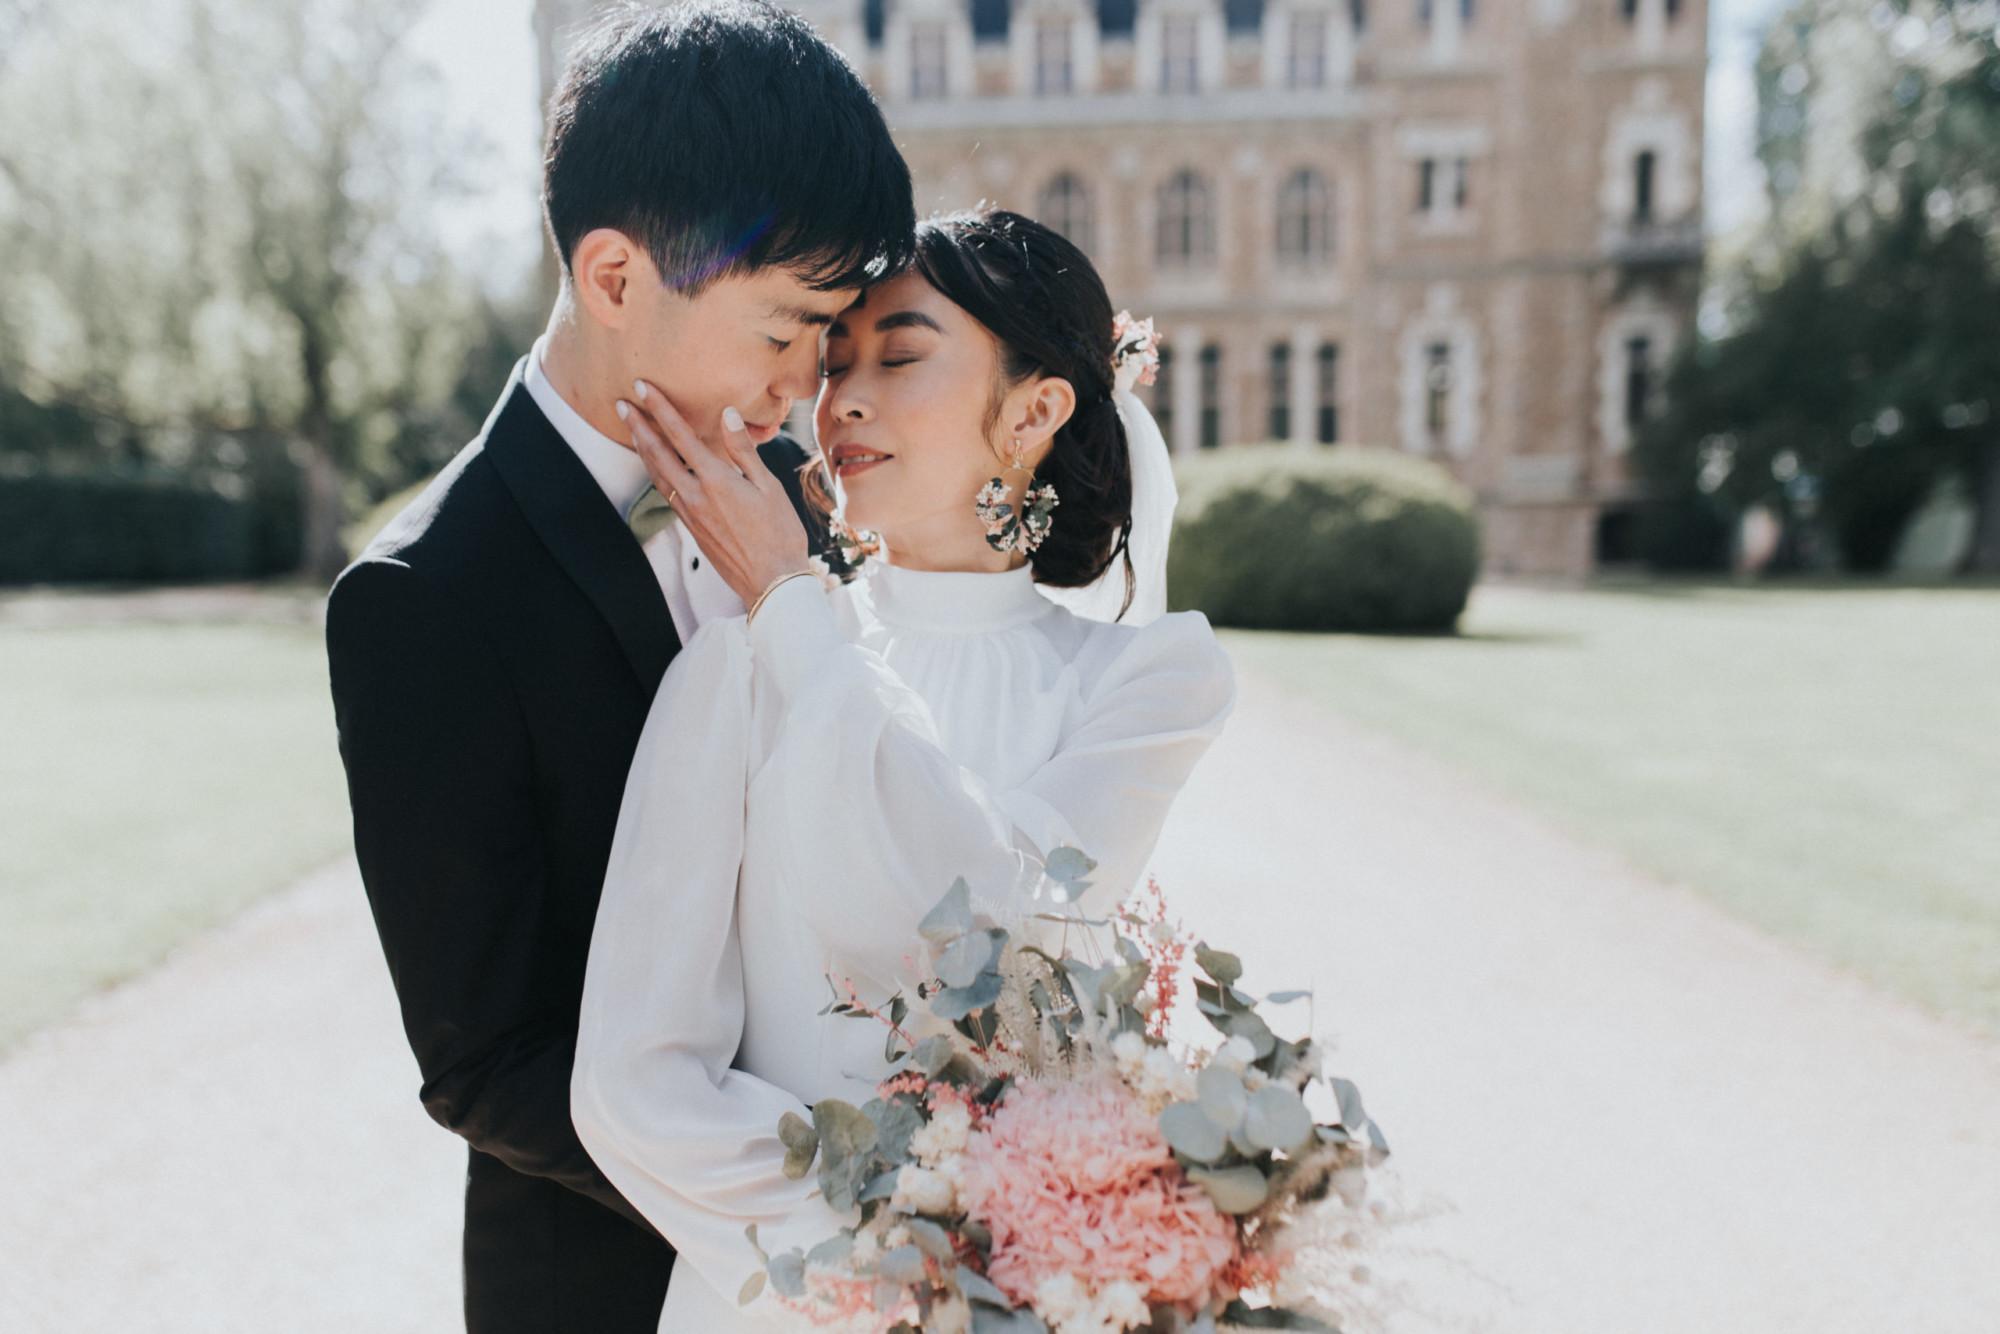 mariage raffiné, château, décoratrice mariage, fleuriste, mariage élégant